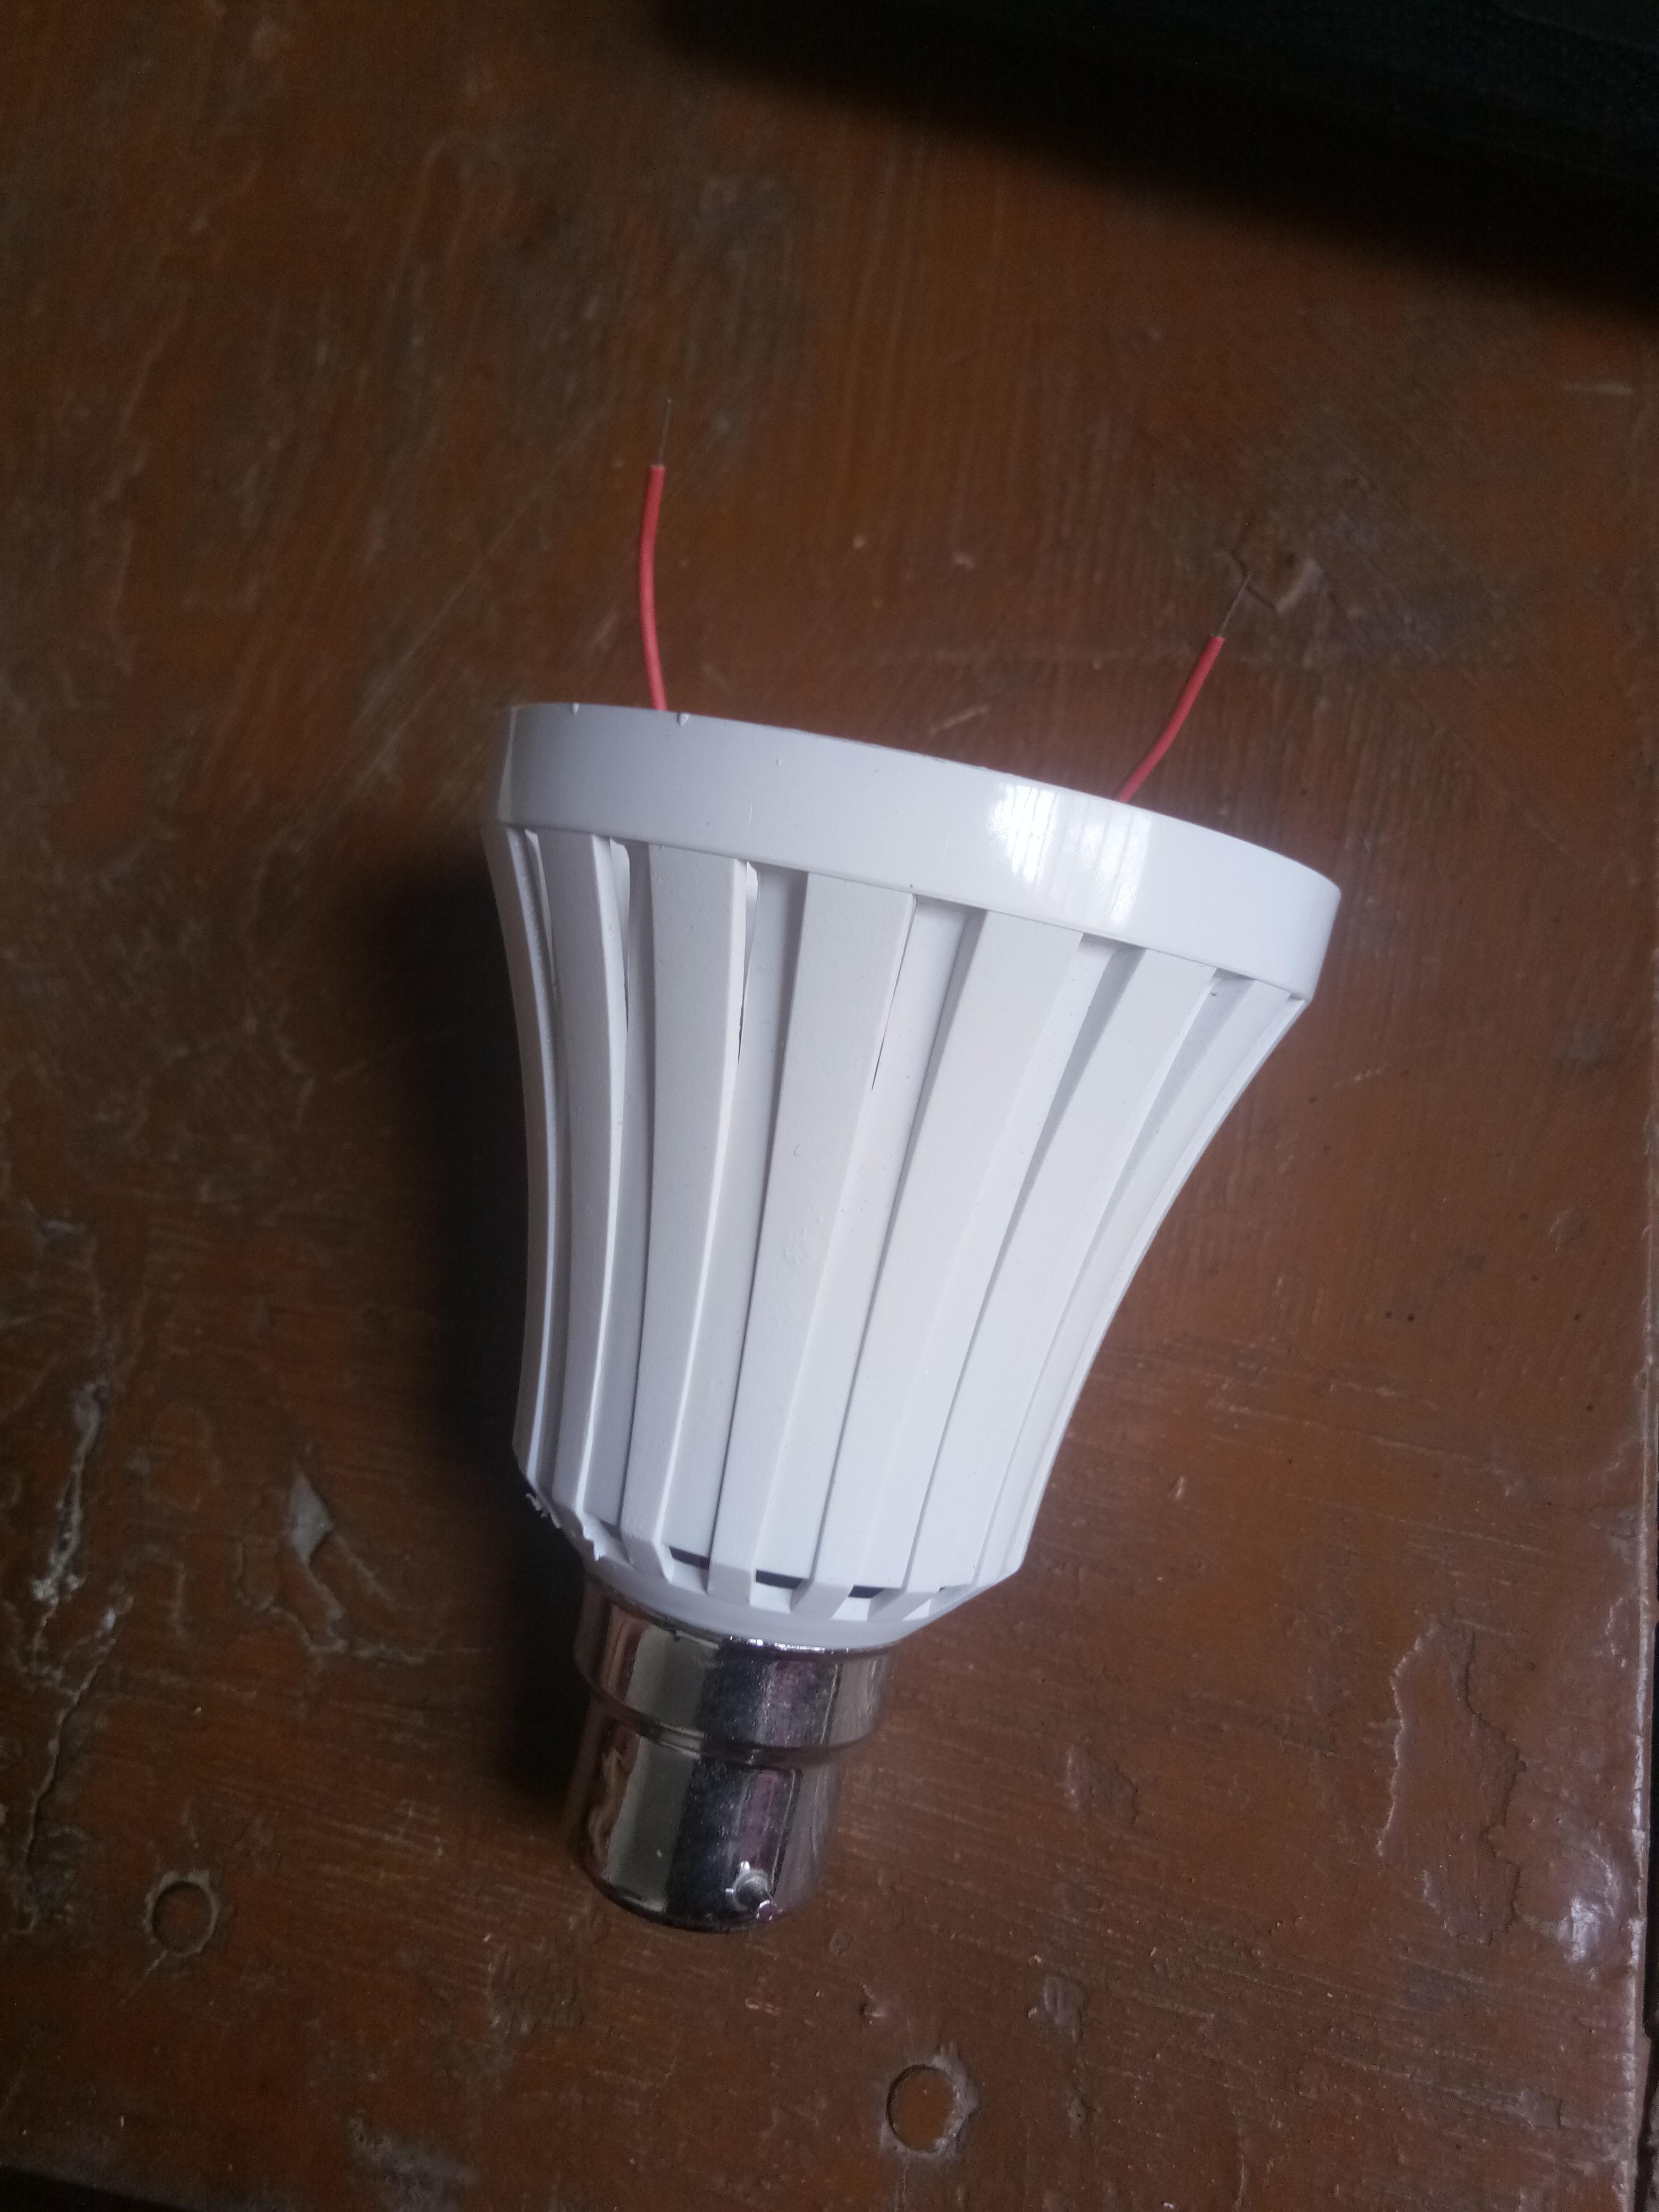 Inverter Bulb